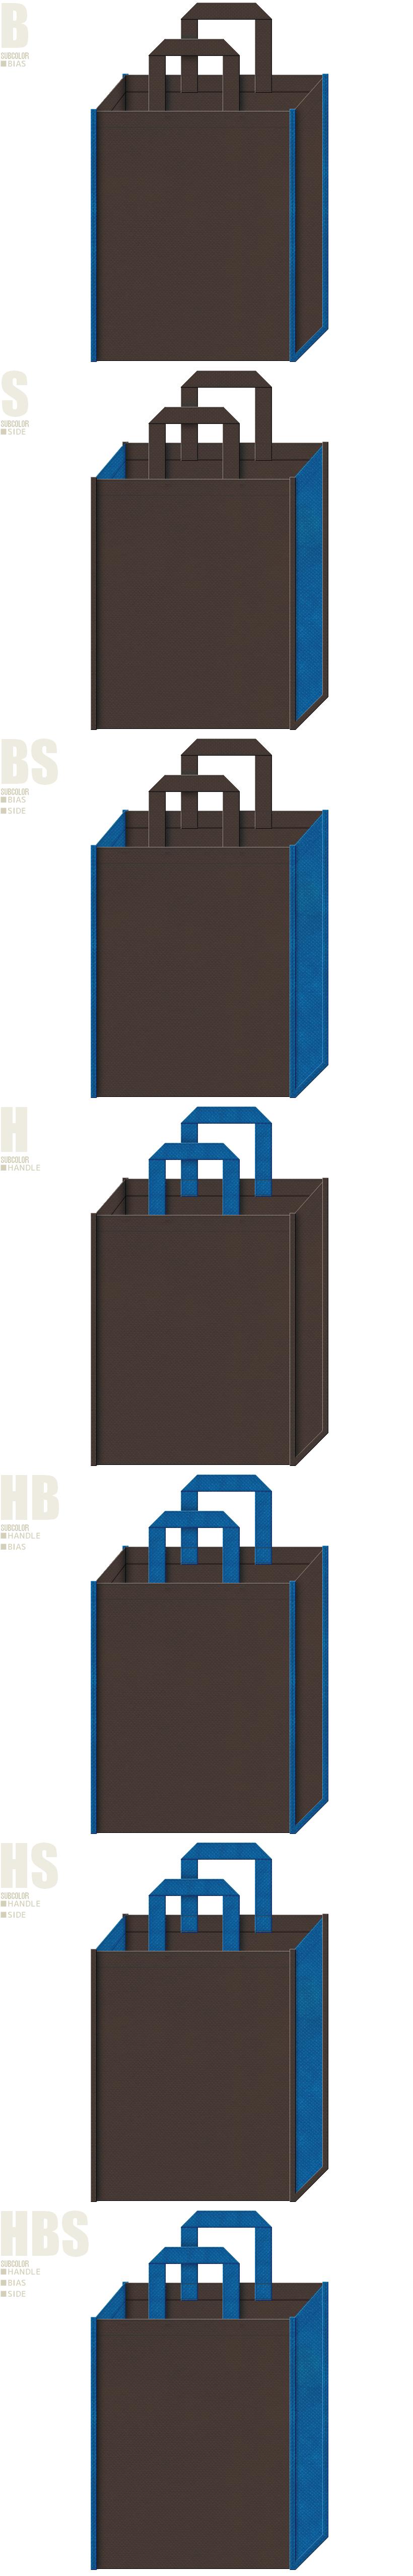 温暖化対策・CO2削減・環境セミナー・環境イベント・格闘ゲーム・父の日イベント・LED・人工知能・情報セキュリティー・防犯グッズの展示会用バッグにお奨めの不織布バッグデザイン:こげ茶色と青色の配色7パターン